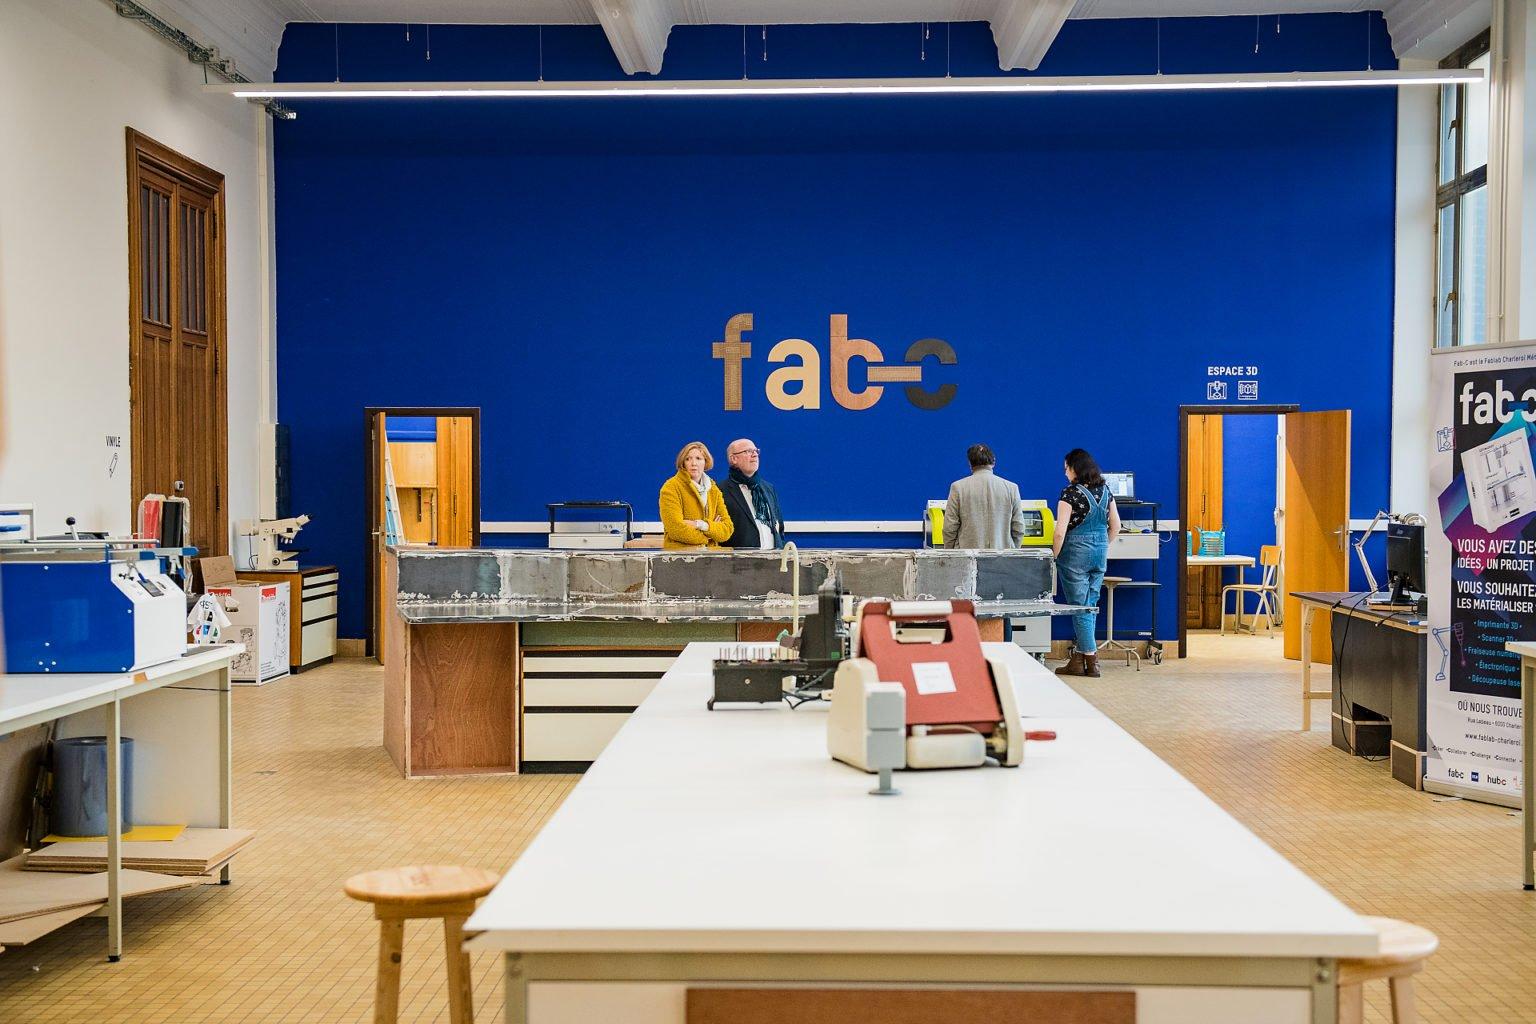 Vue du Fab-C, inauguration du FabLab de Charleroi, événement d'entreprise par Aurore Delsoir photographe d'entreprise à Bruxelles et en Wallonie